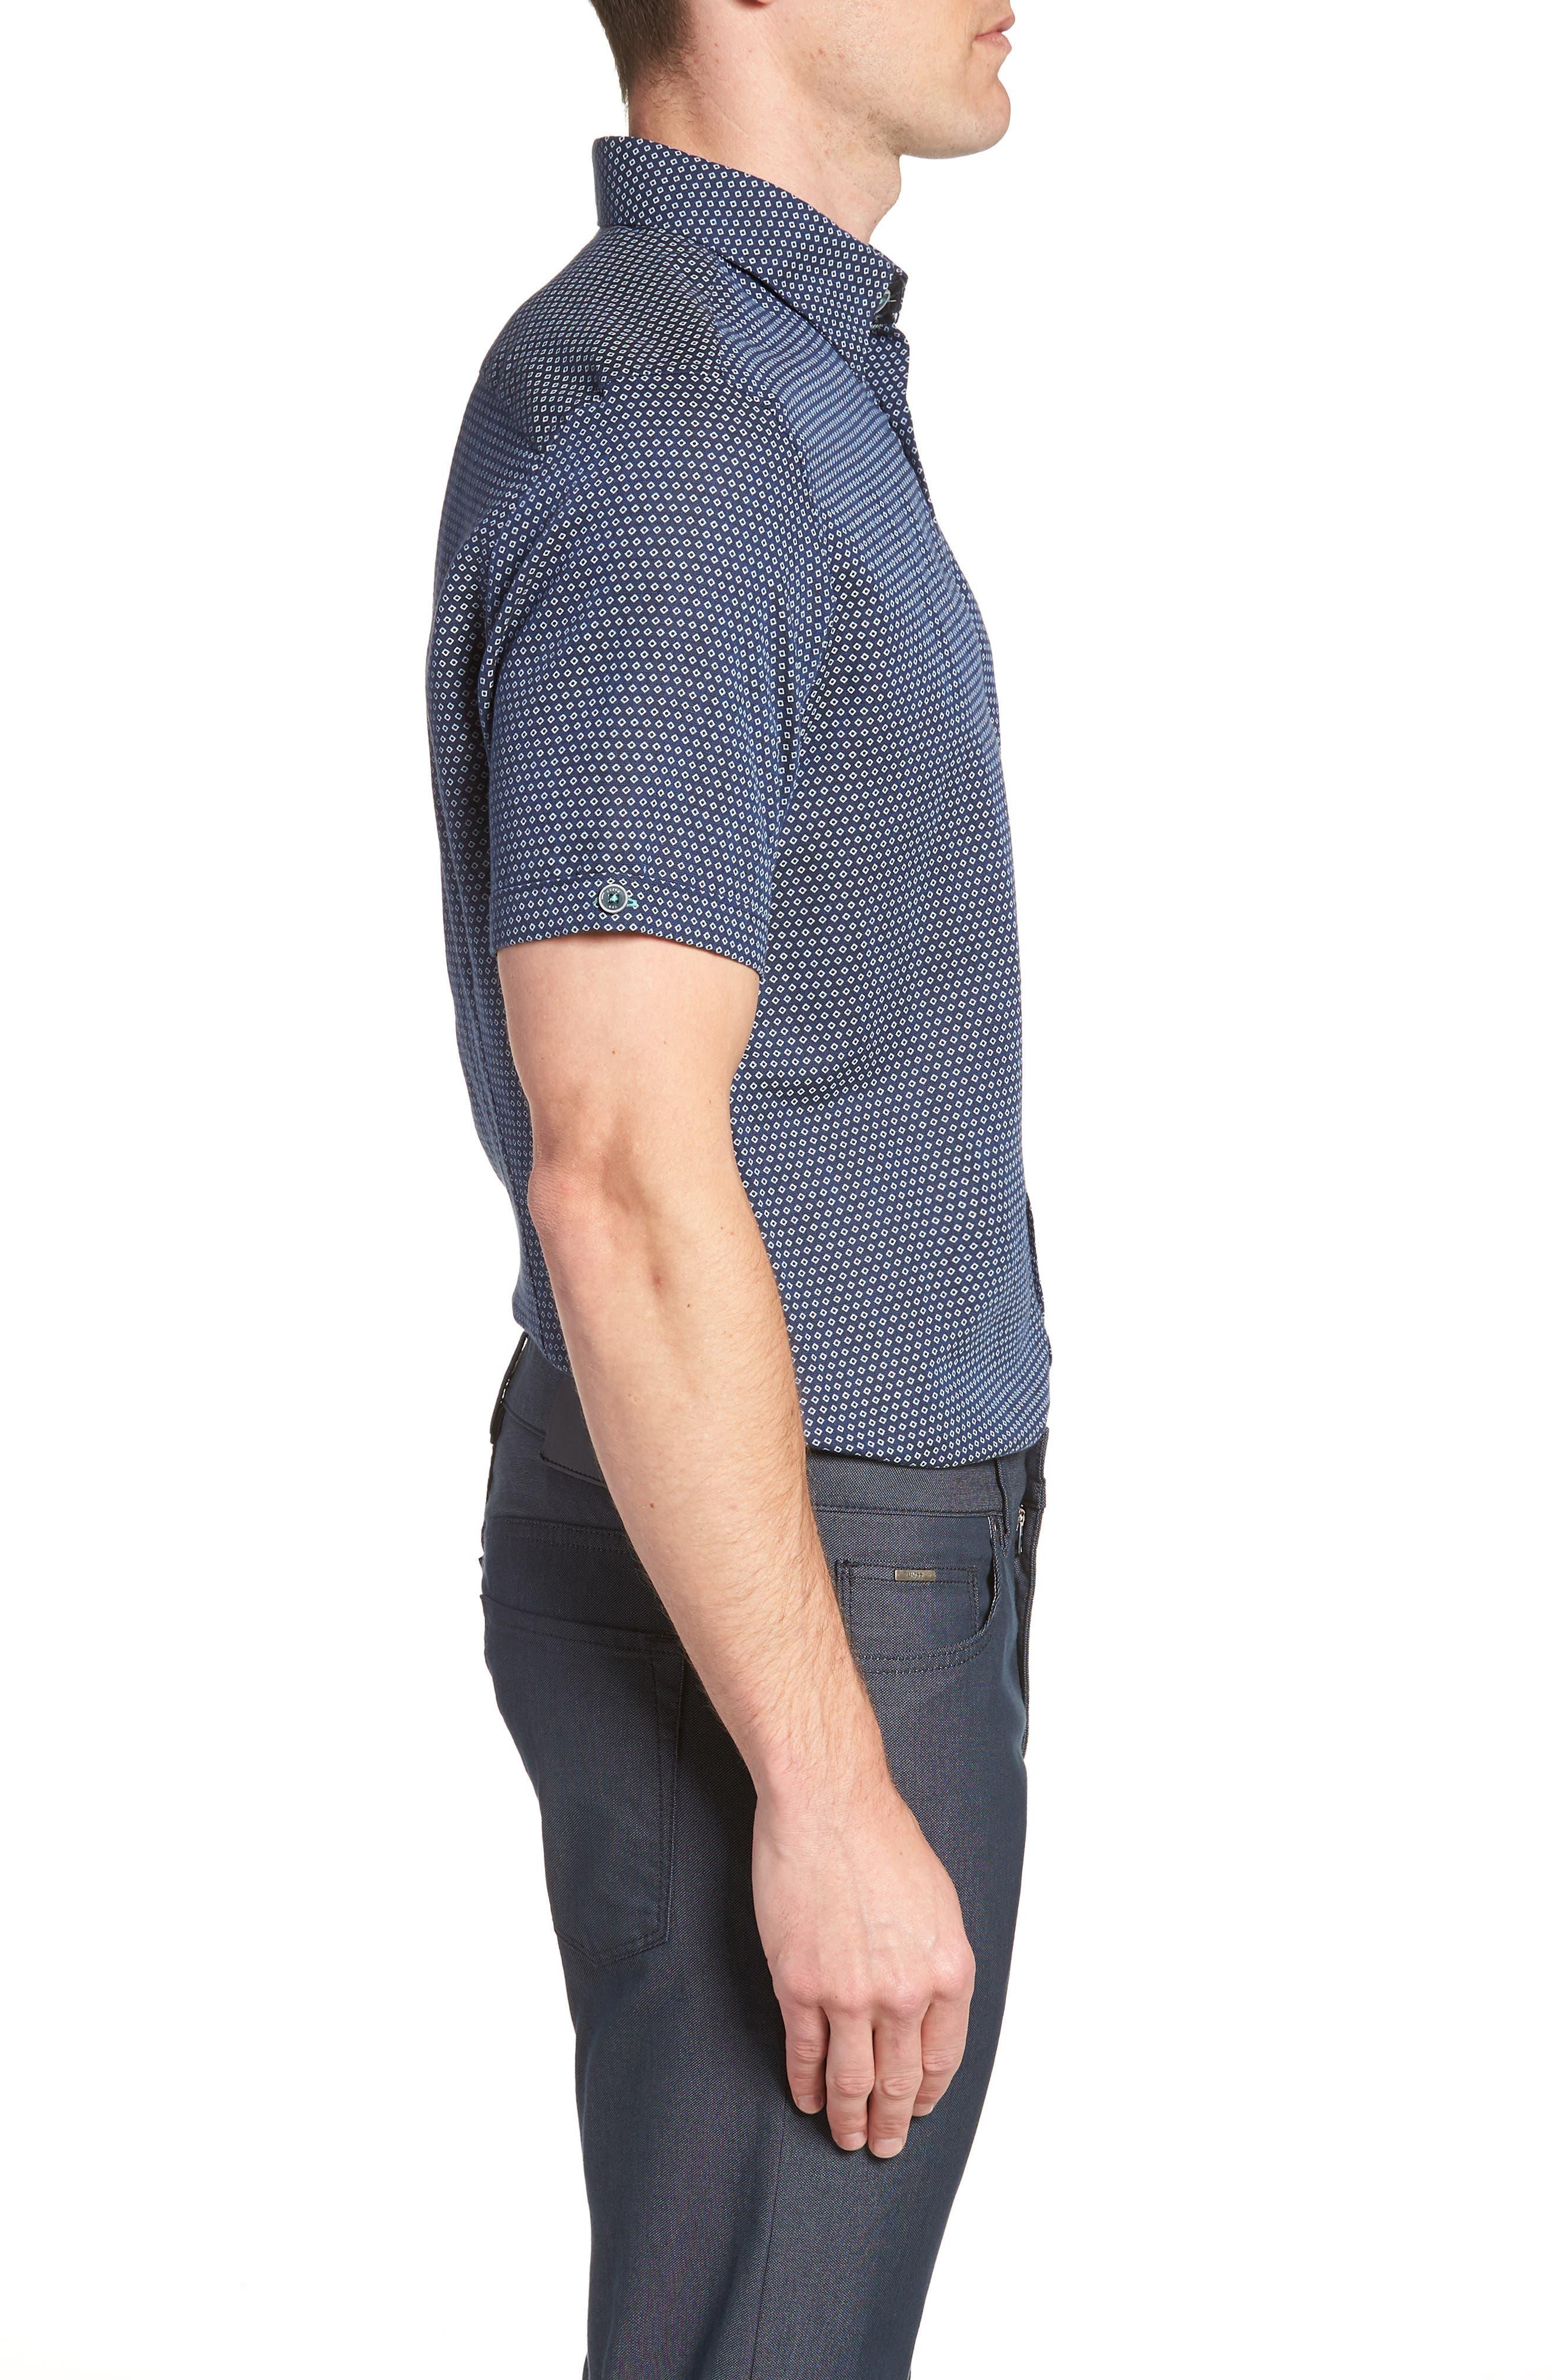 Sirobtt Short Sleeve Sport Shirt,                             Alternate thumbnail 4, color,                             Navy